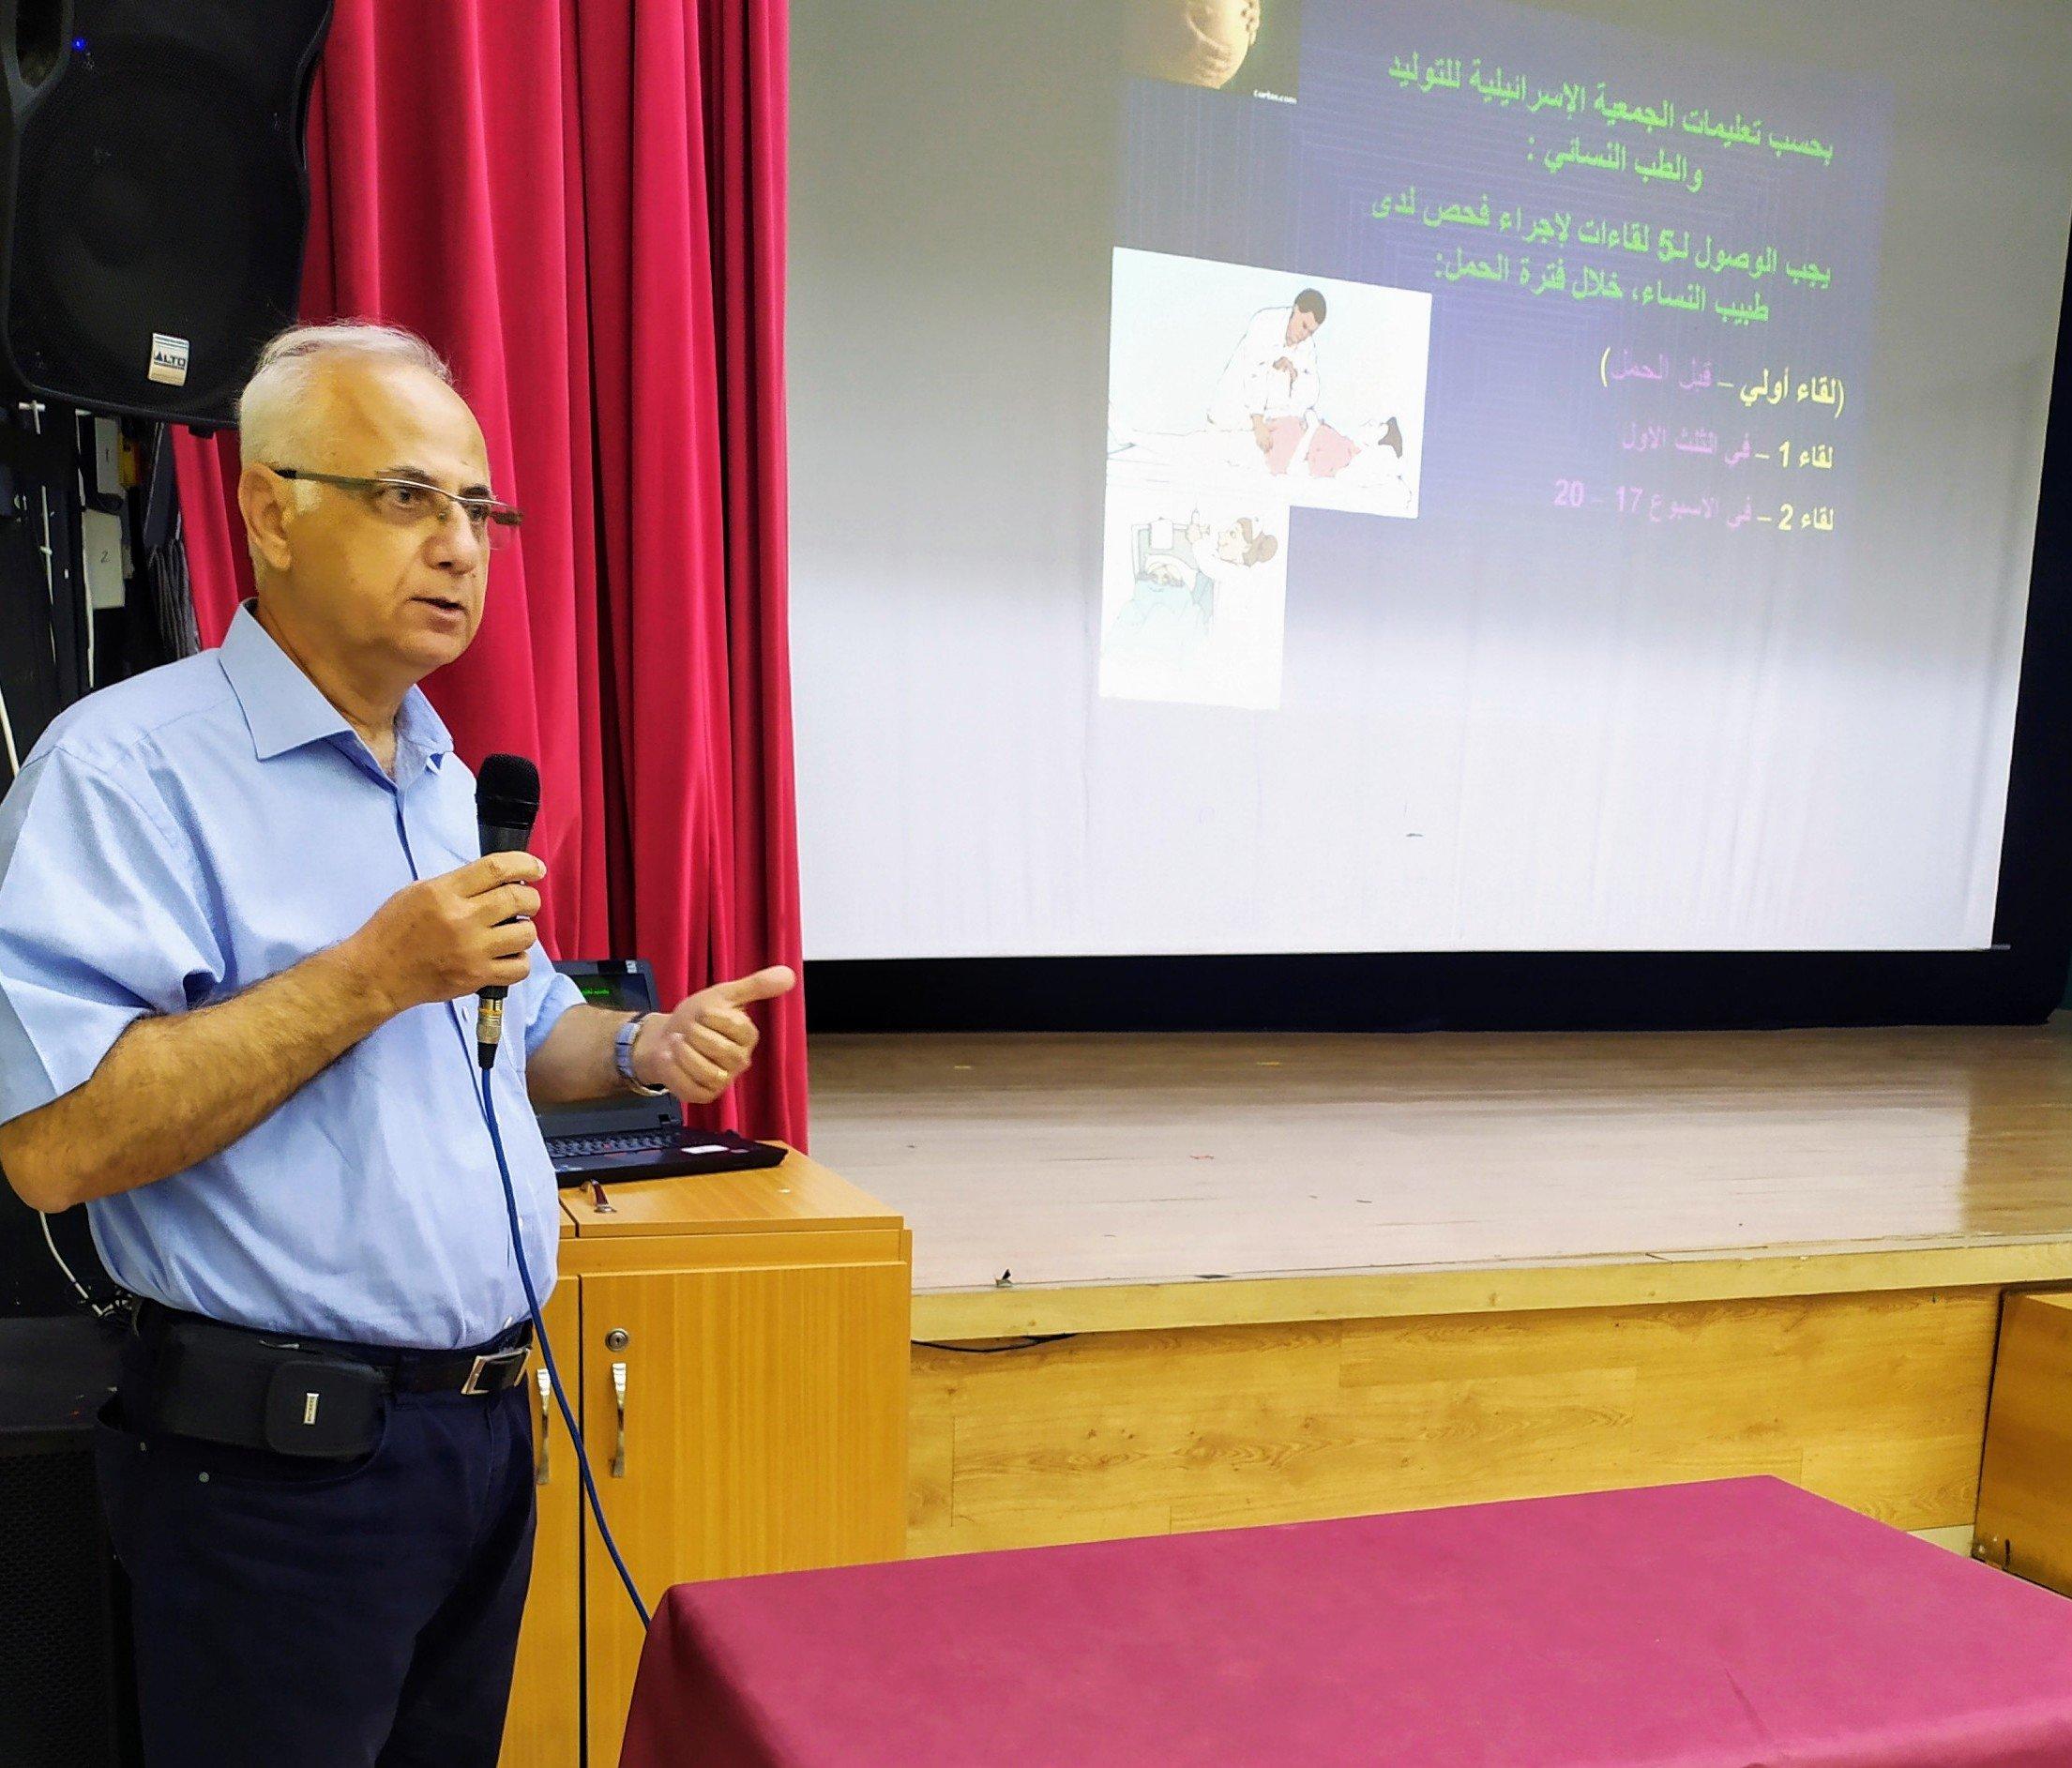 طاقم مستشفى باده - بوريا في لقاء حول الحمل والولادة في طرعان